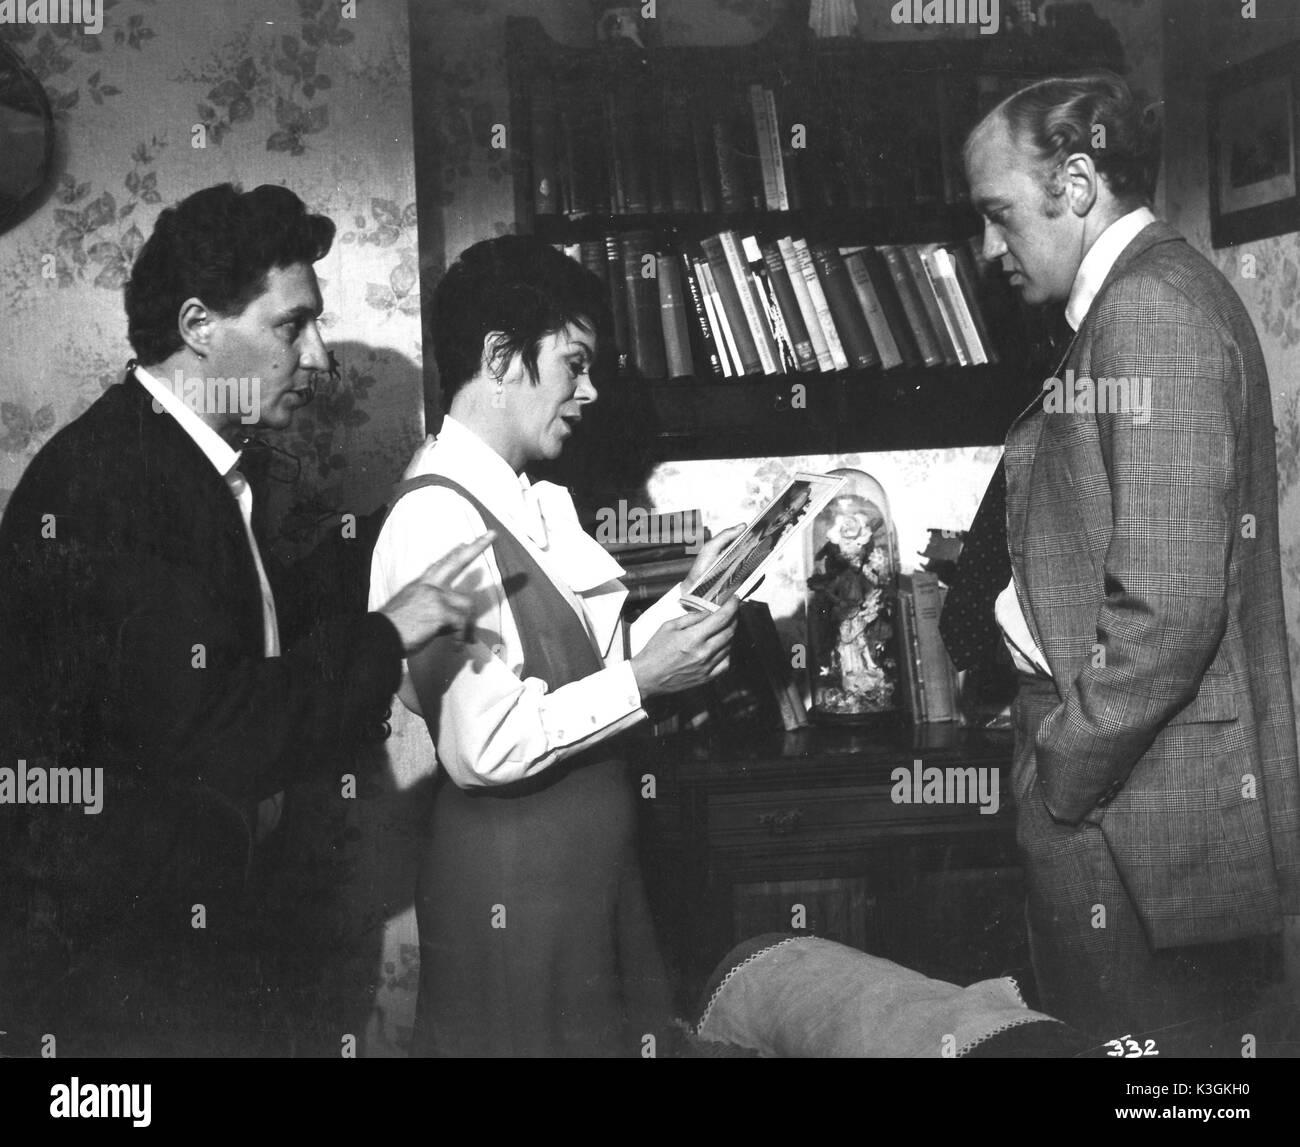 THE RECKONING from left - Director JACK GOLD, actors RACHEL ROBERTS, NICOL WILLIAMSON - Stock Image